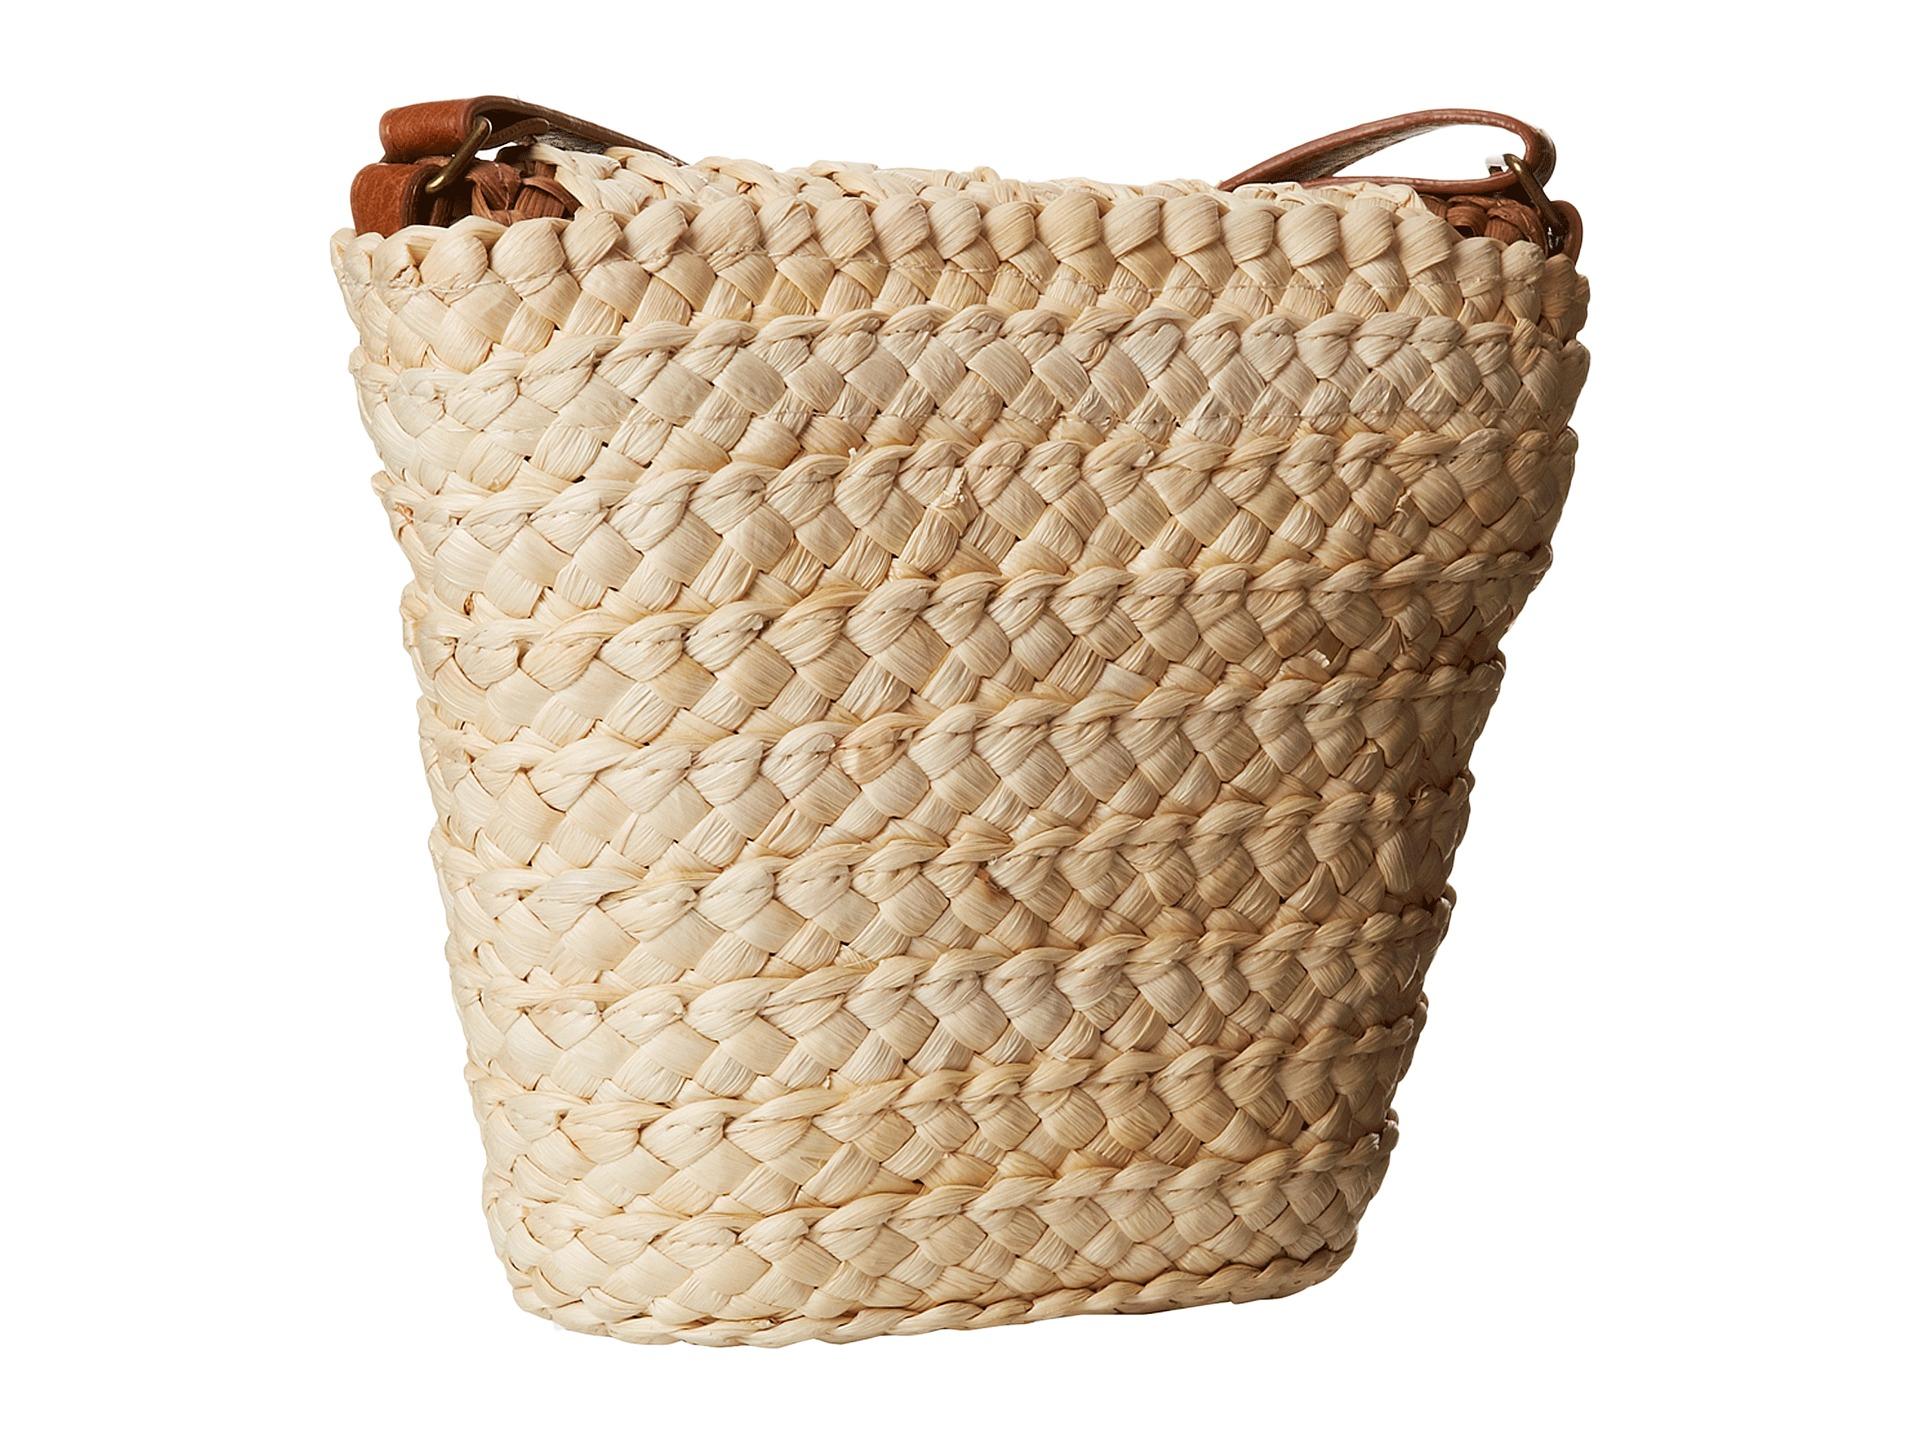 san diego hat company bsb1360 woven straw crossbody bag w